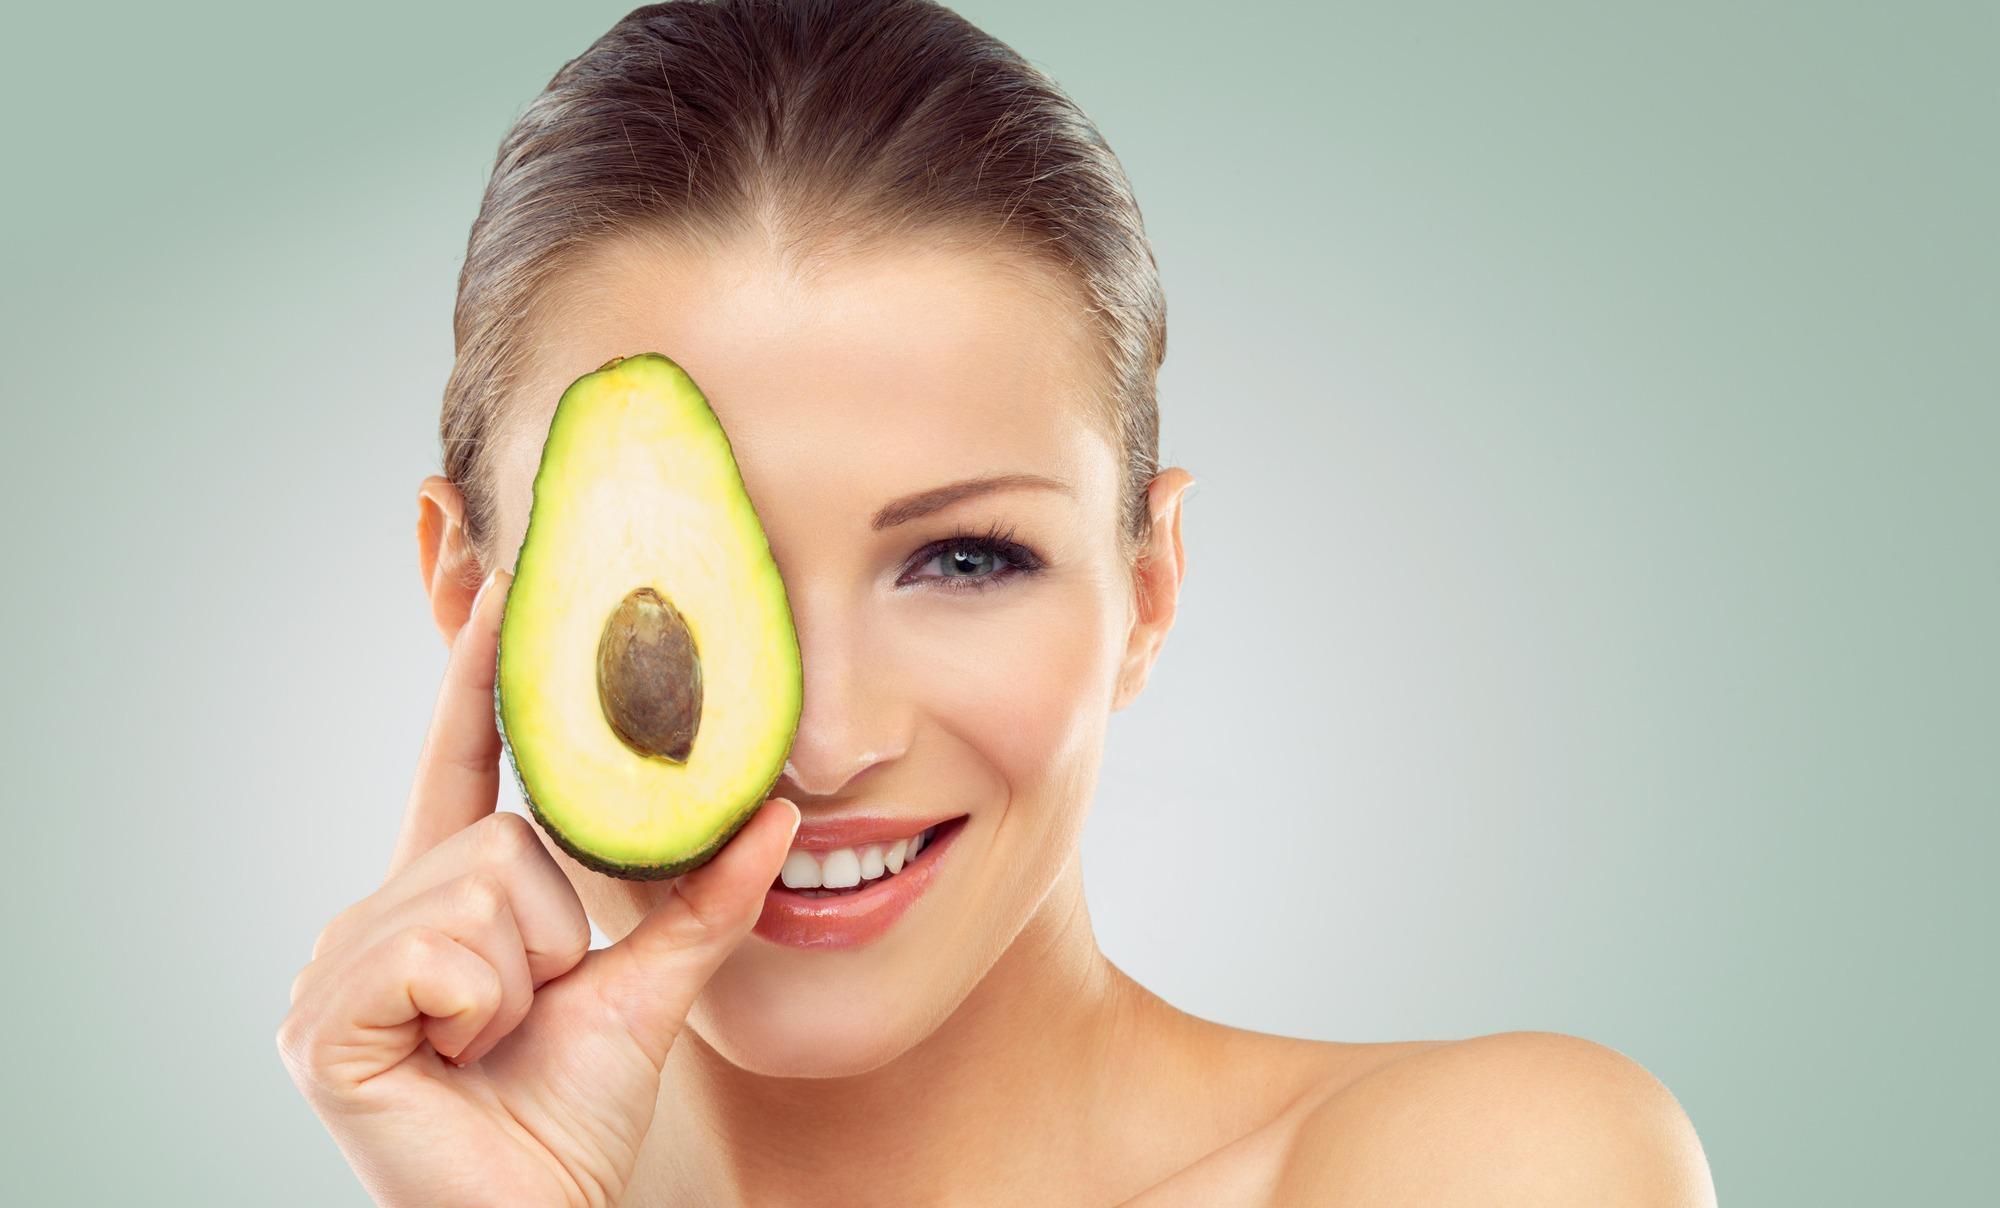 Как улучшить состояние кожи лица, ее цвет и сделать ее идеальной. как улучшить состояние кожи тела и лица